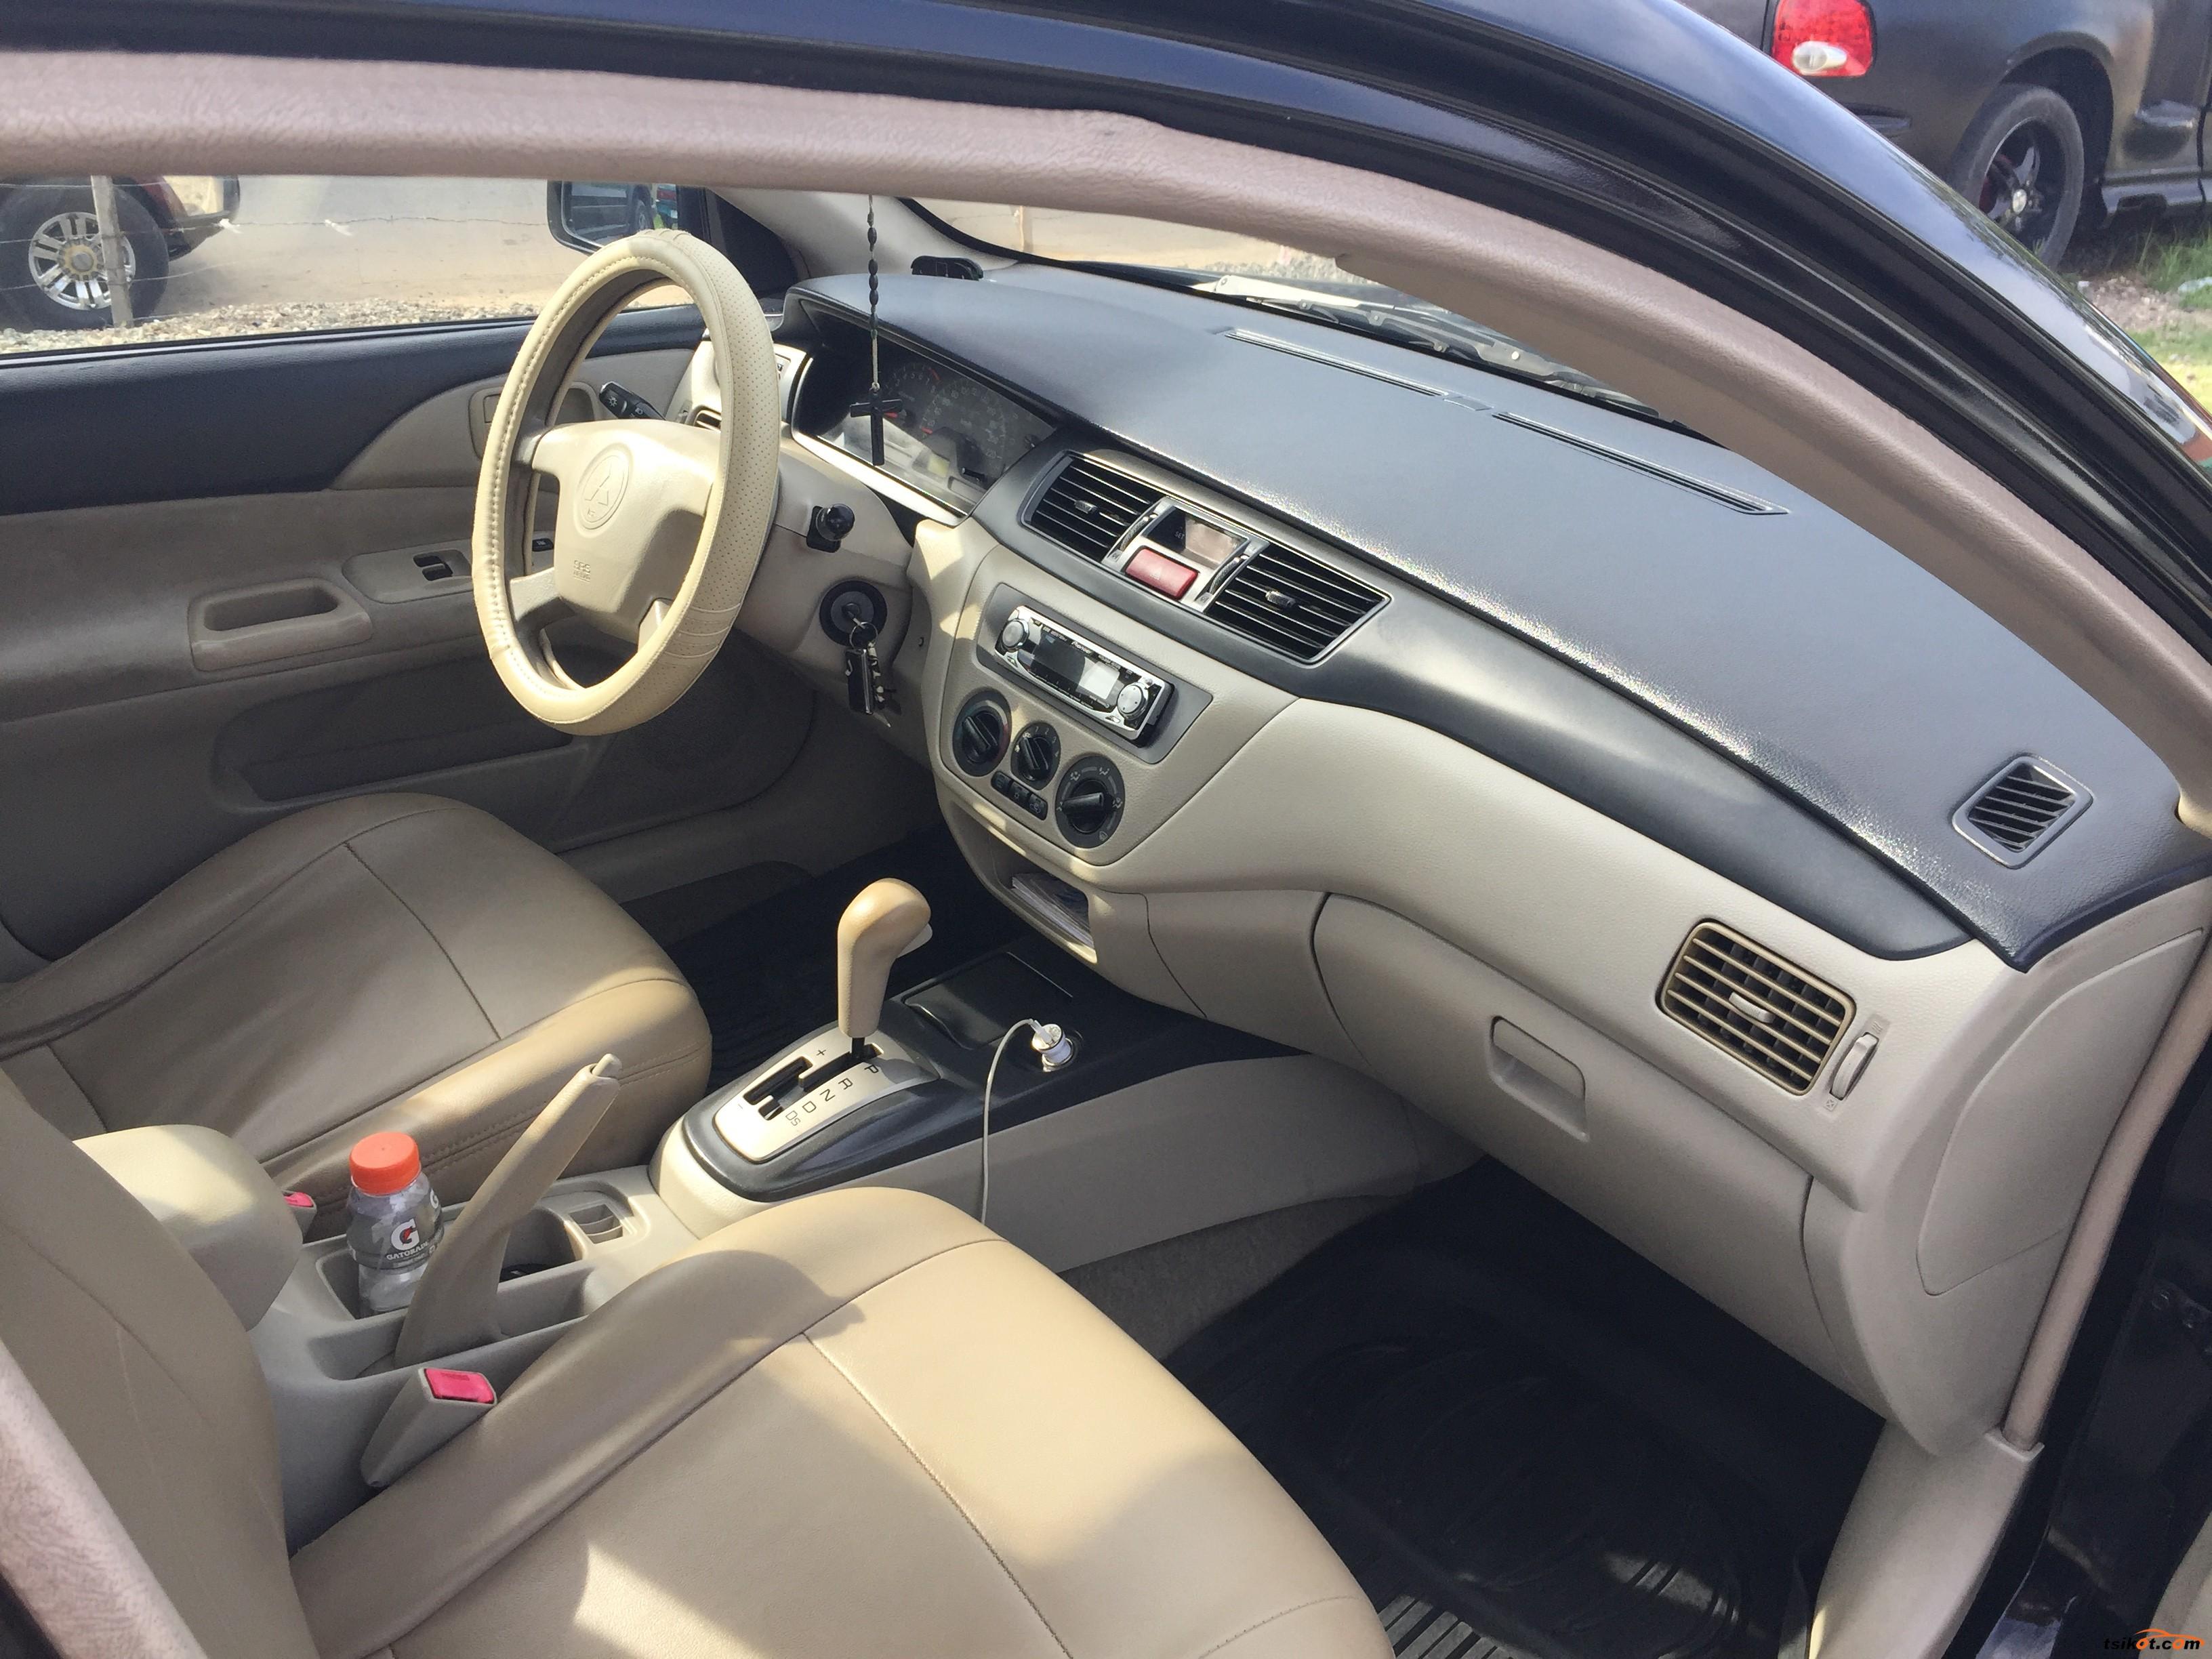 Mitsubishi Lancer 2005 - 5